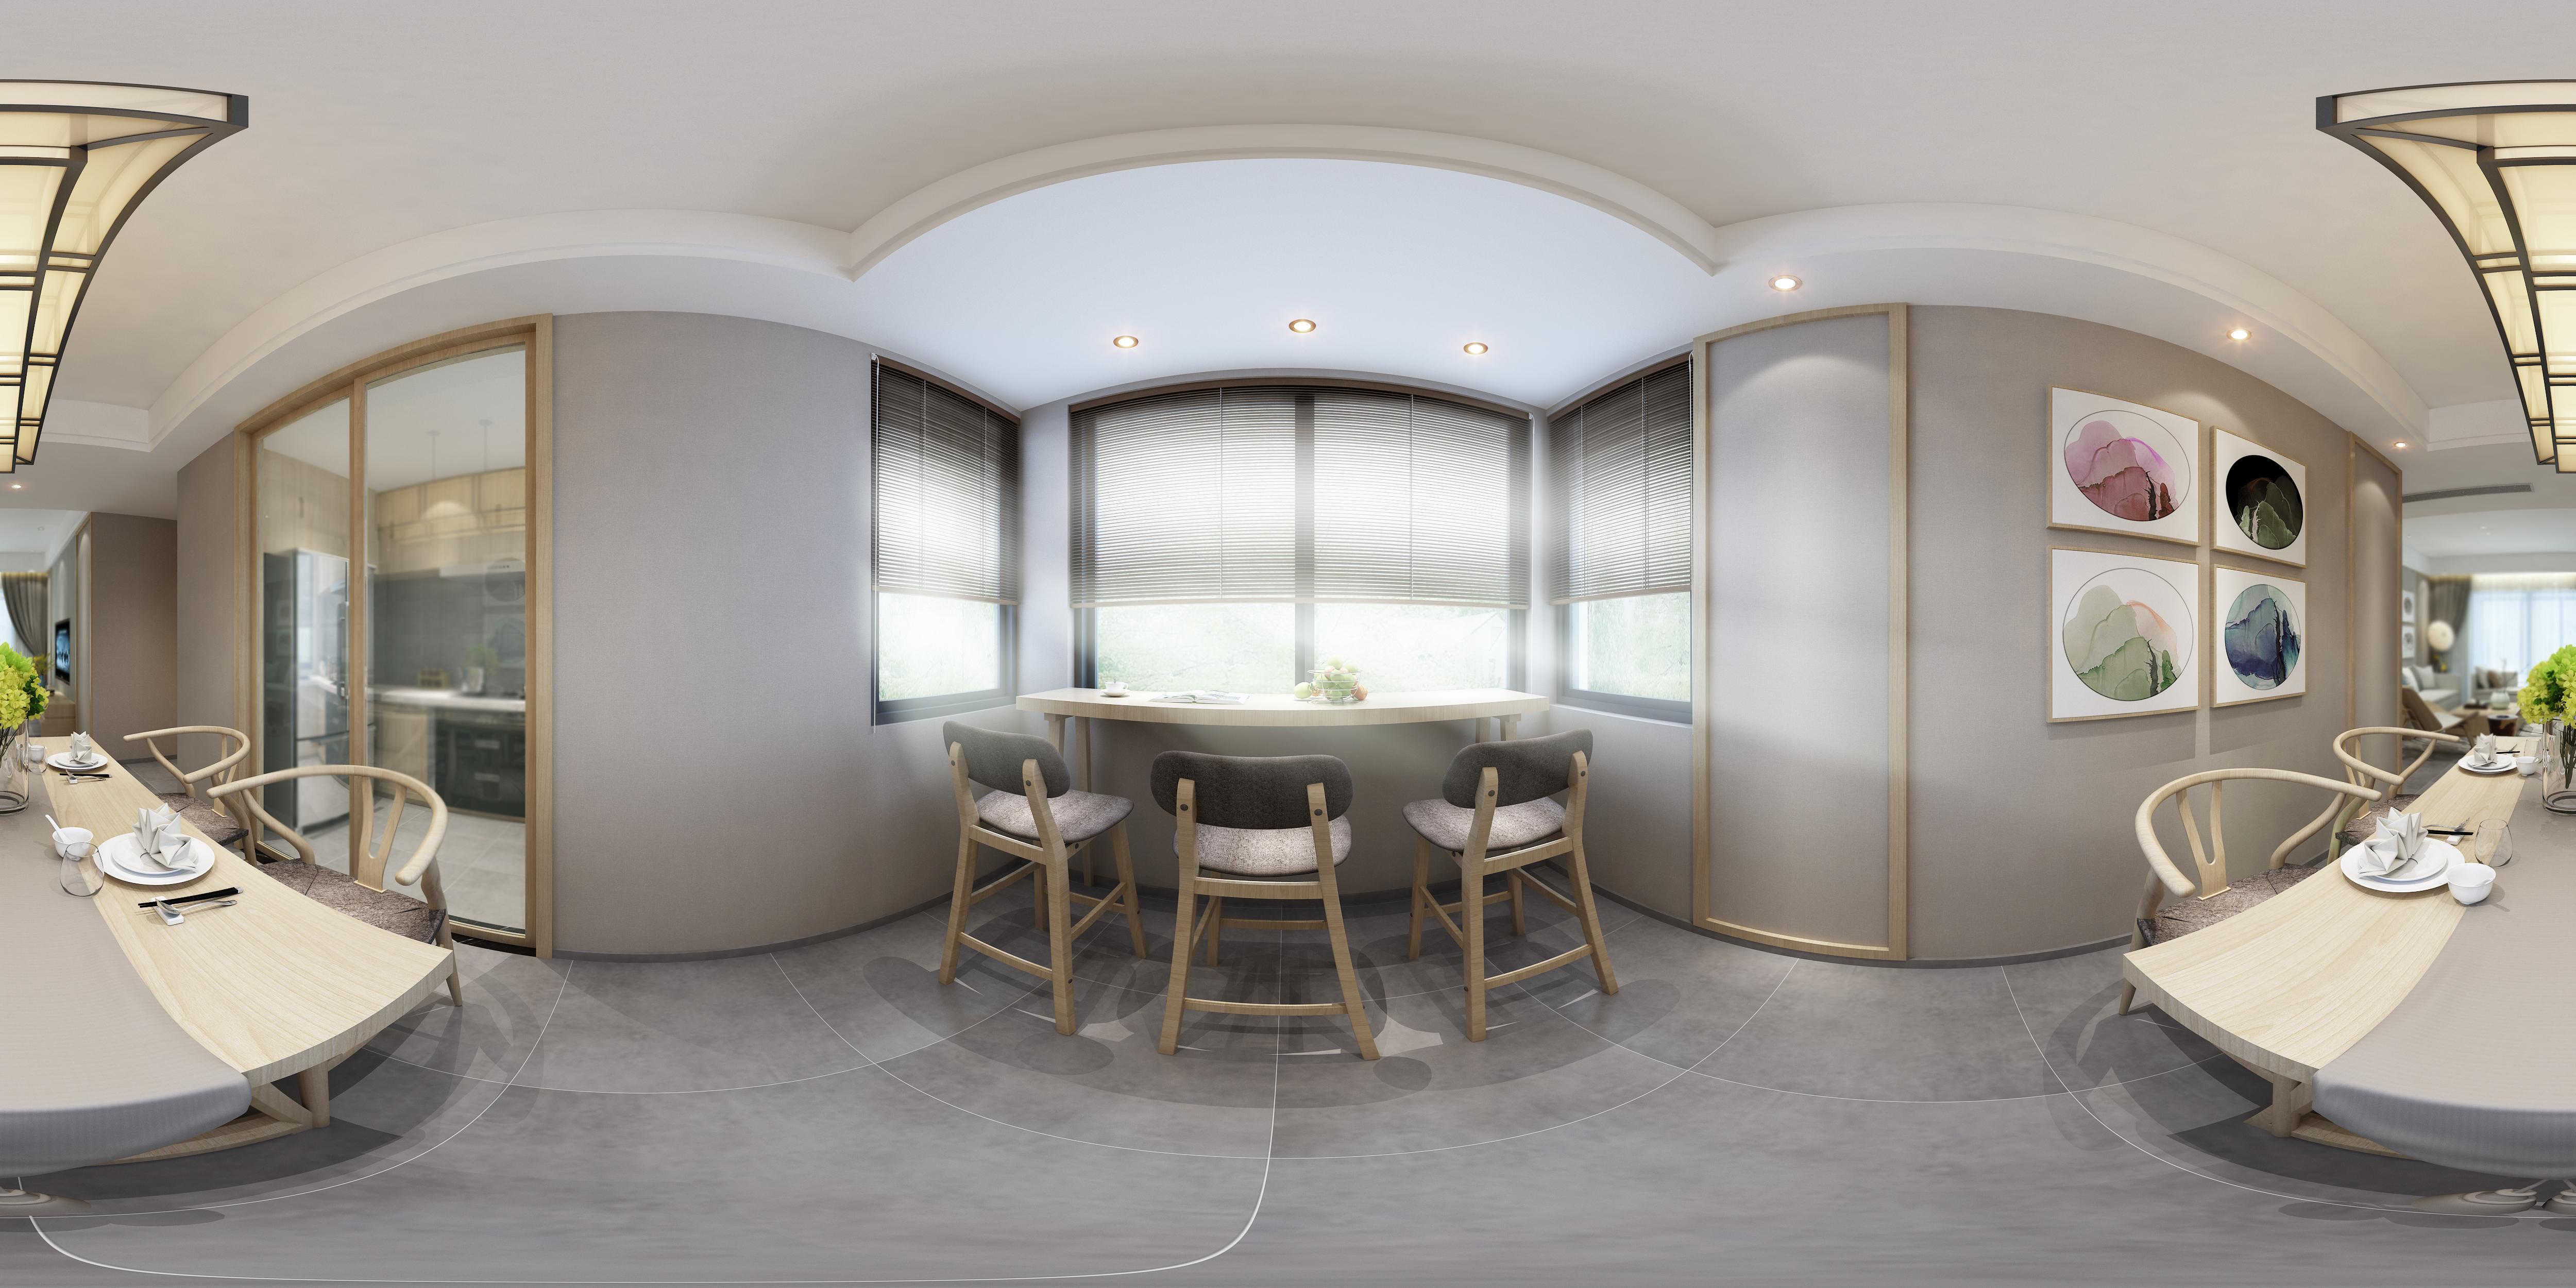 新中式家居餐厅 餐桌椅 装饰墙 吊灯